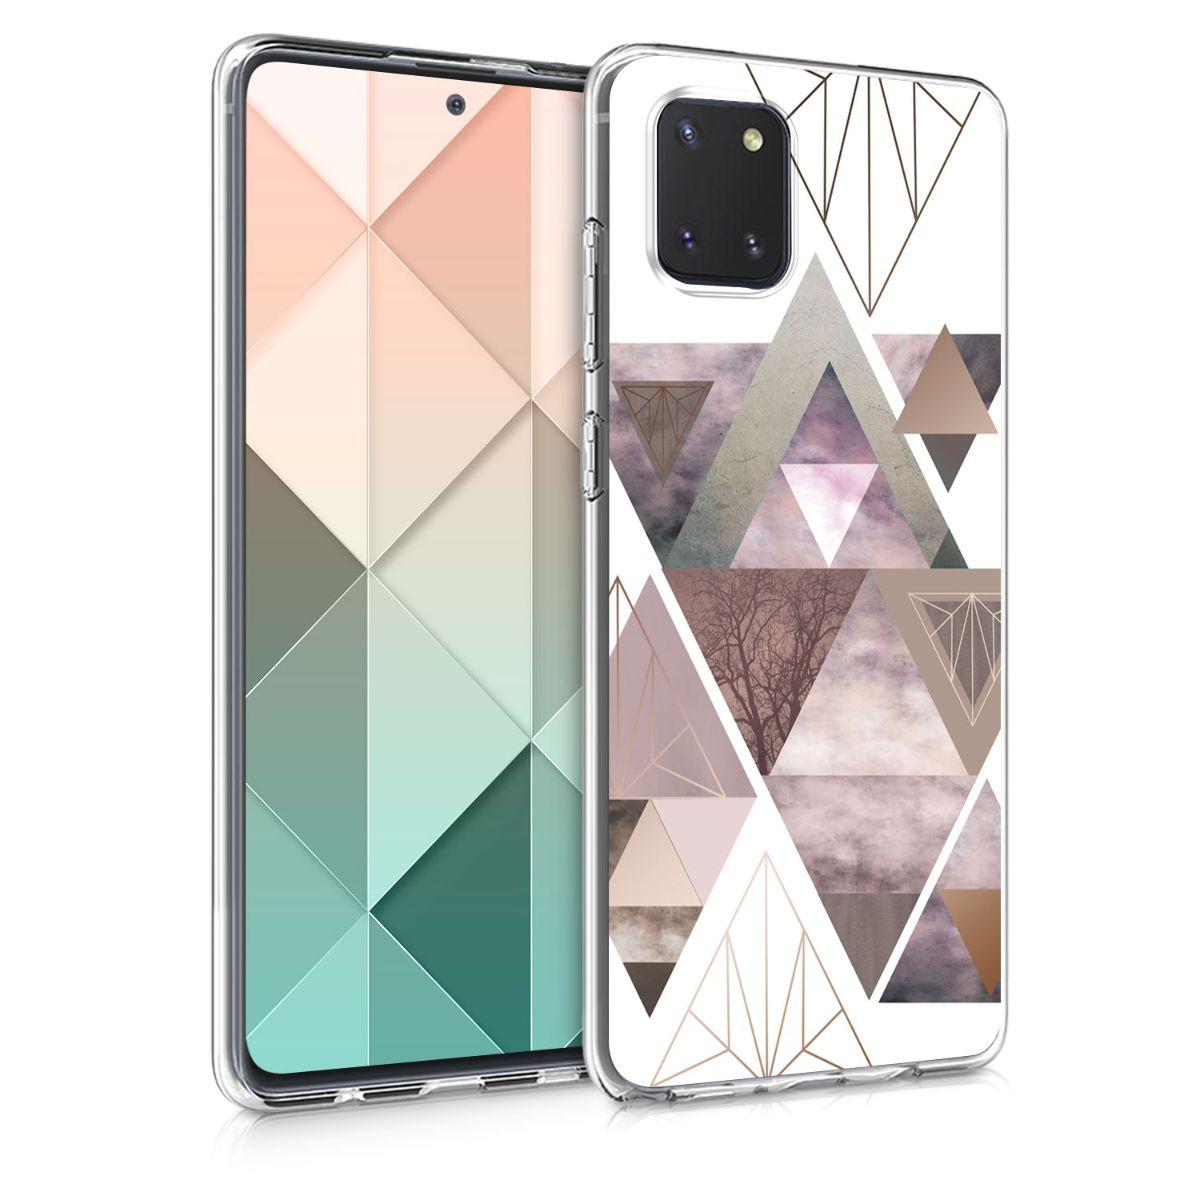 Kvalitní silikonové TPU pouzdro pro Samsung Note 10 Lite - Patchwork trojúhelníky světle růžové / starorůžové rosegold / bílé